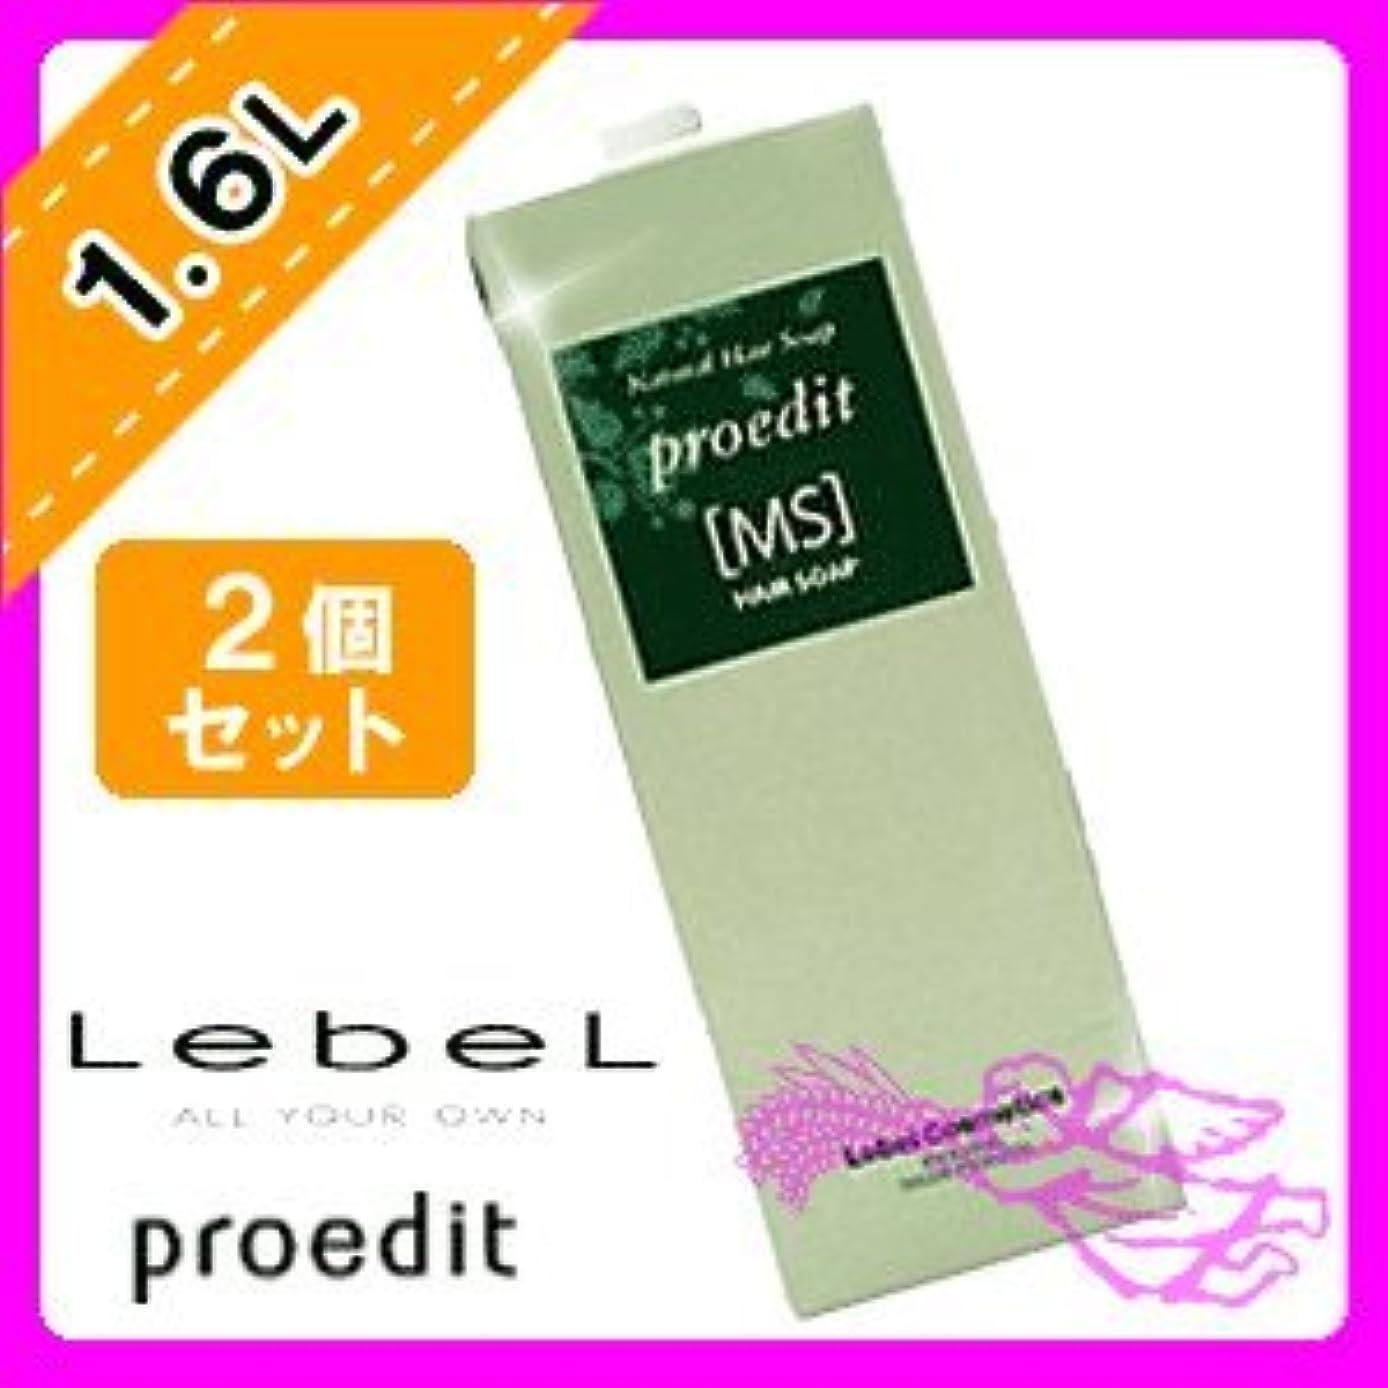 酒サポート異議ルベル プロエディット シャンプーMS 1600ml ×2個 セット 業務用 詰め替え用 硬くてふくらむ髪を扱いやすくし、ダメージをケアしながら しっとり?やわらかに仕上げます LebeL proedit